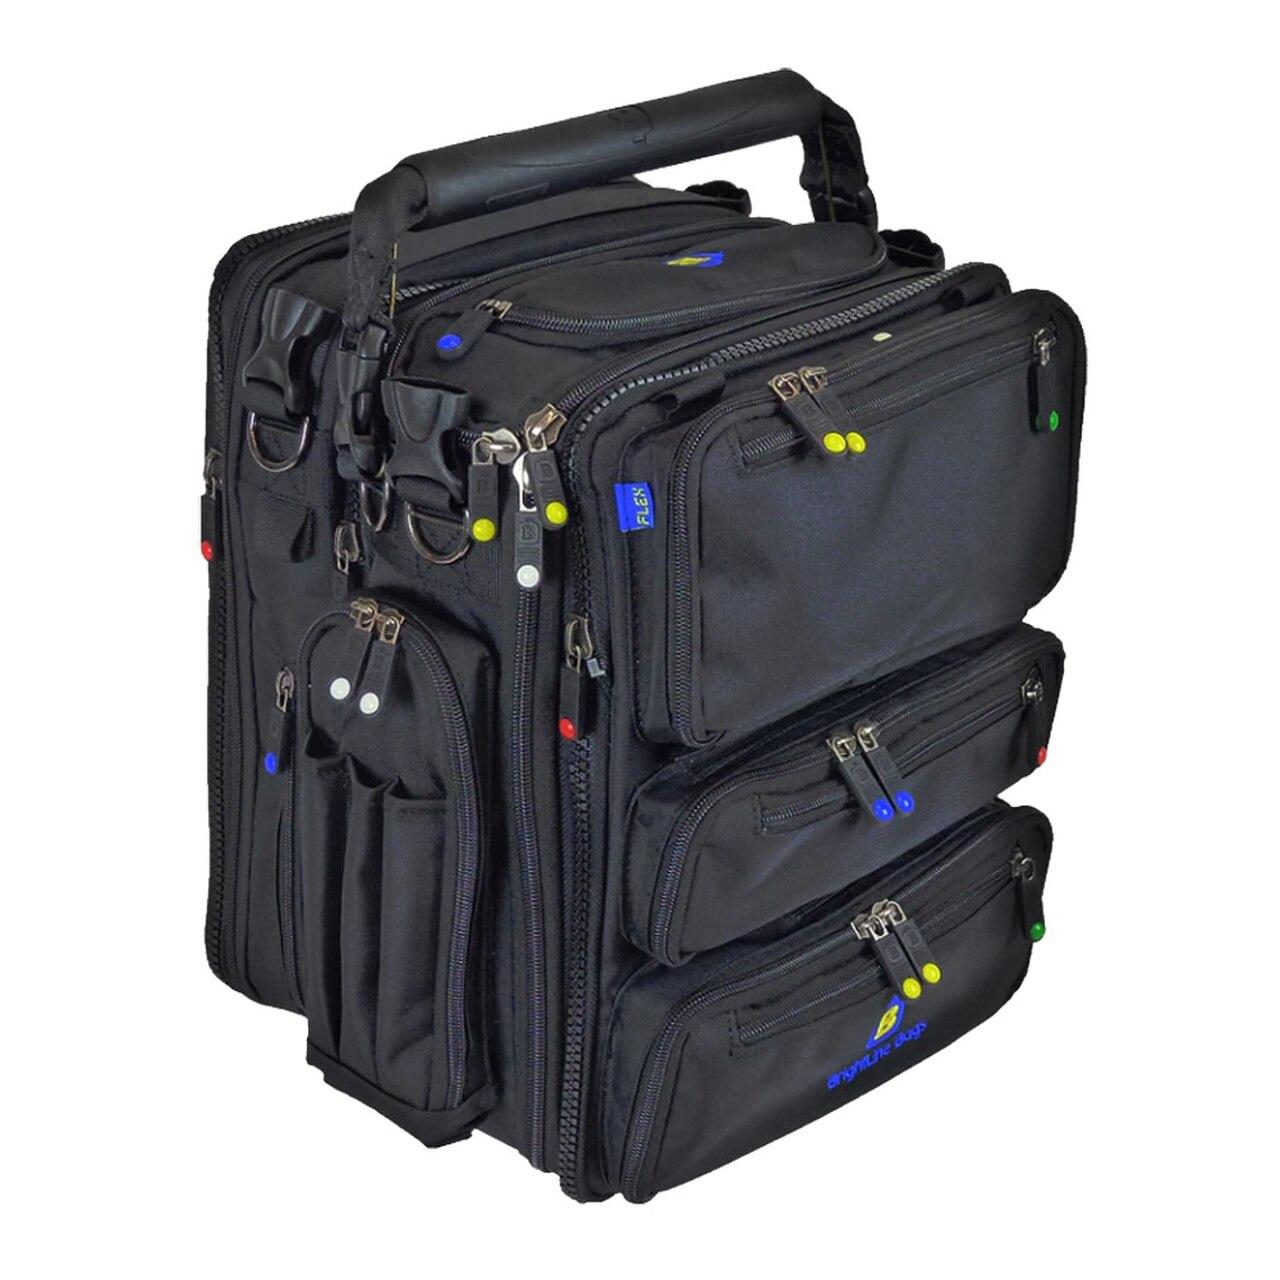 BRIGHTLINE BAGS Flex B7 Flight Bag (B07)